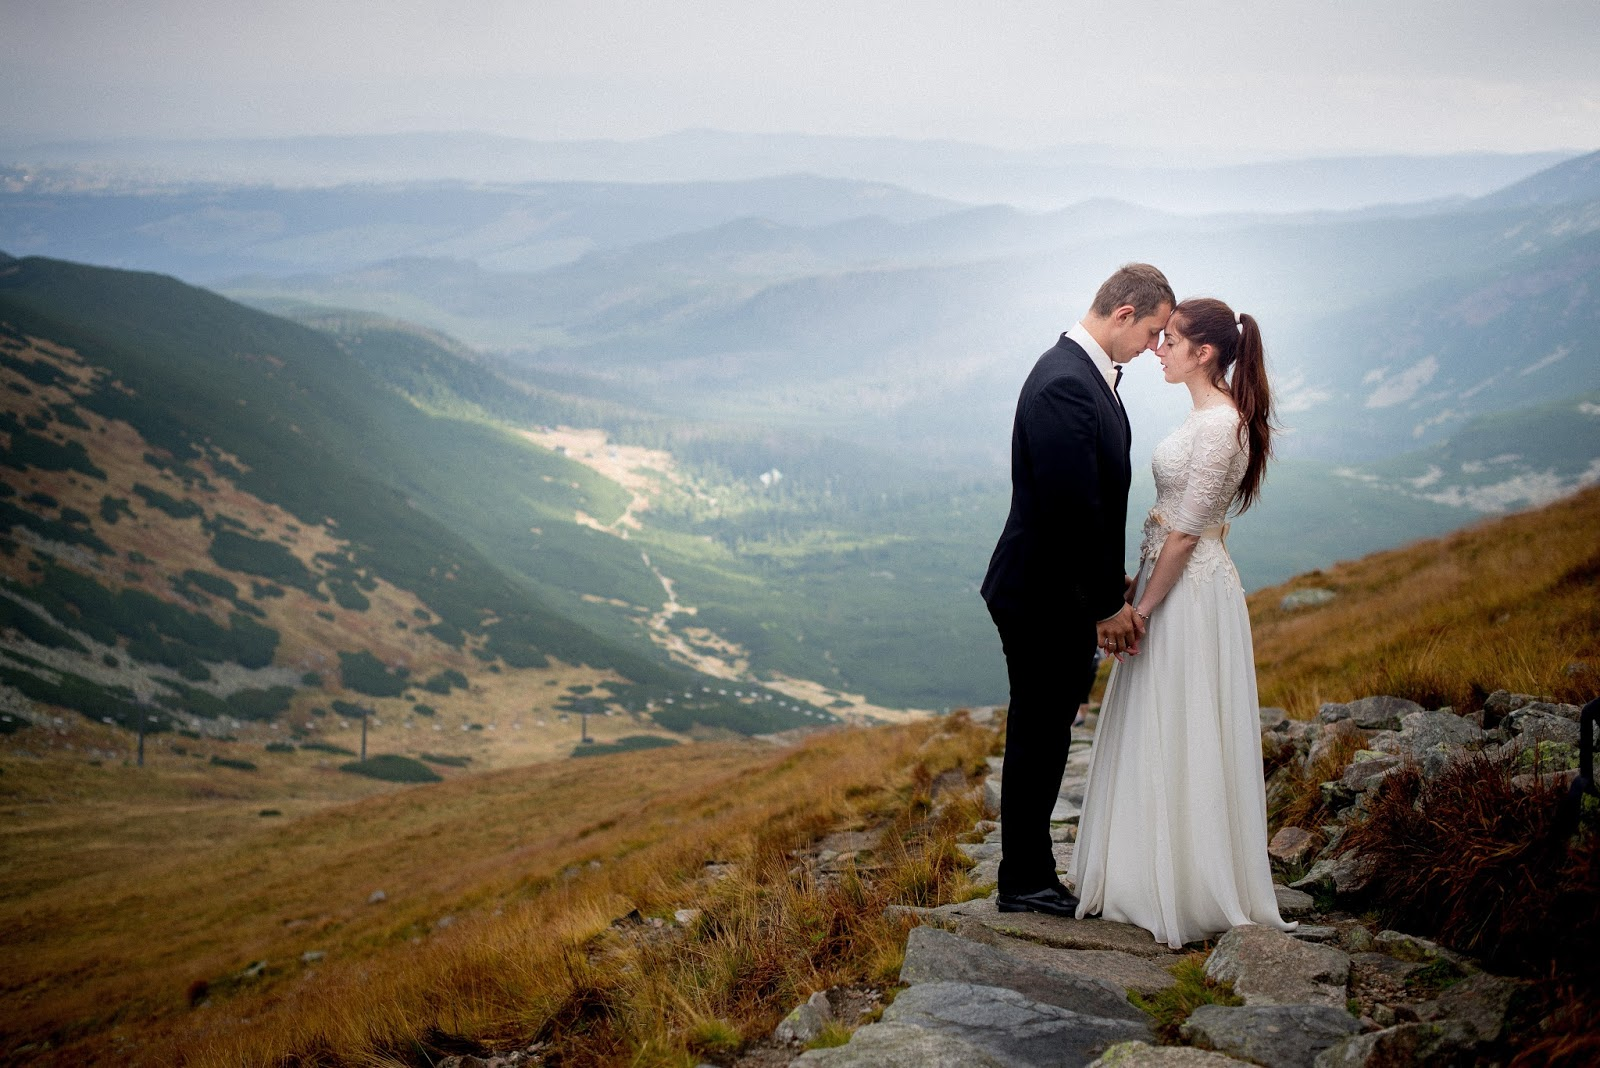 Sesja ślubna W Górach Góromaniacy